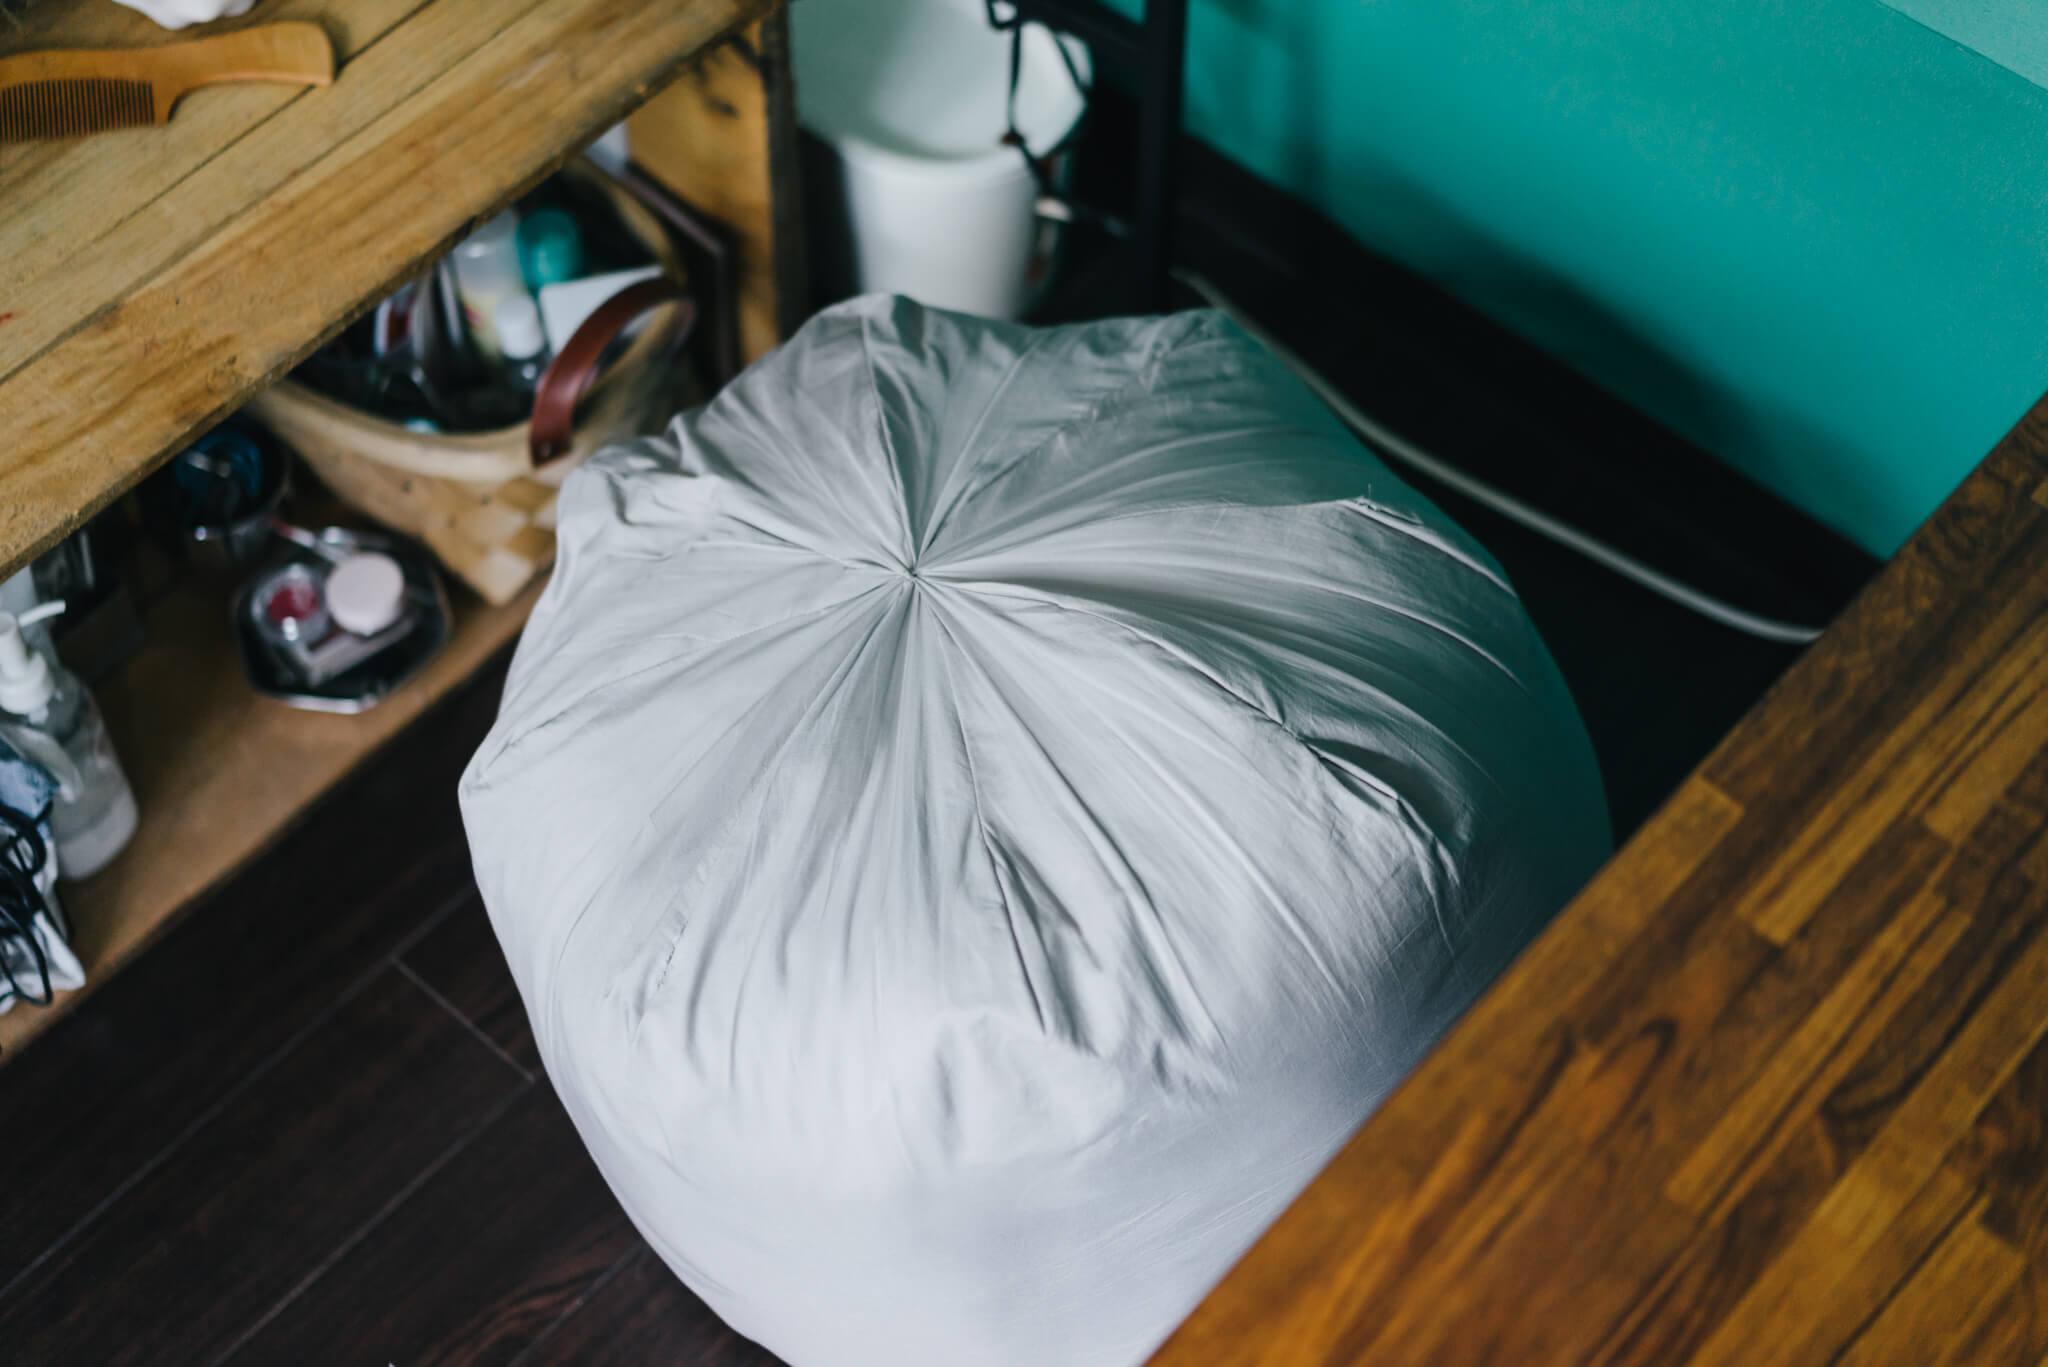 布をつかったDIYが得意なioさん。こちらのプフも手作りで、じつは中に、冬用の毛布が入っています。収納も兼ねているなんてすごい。